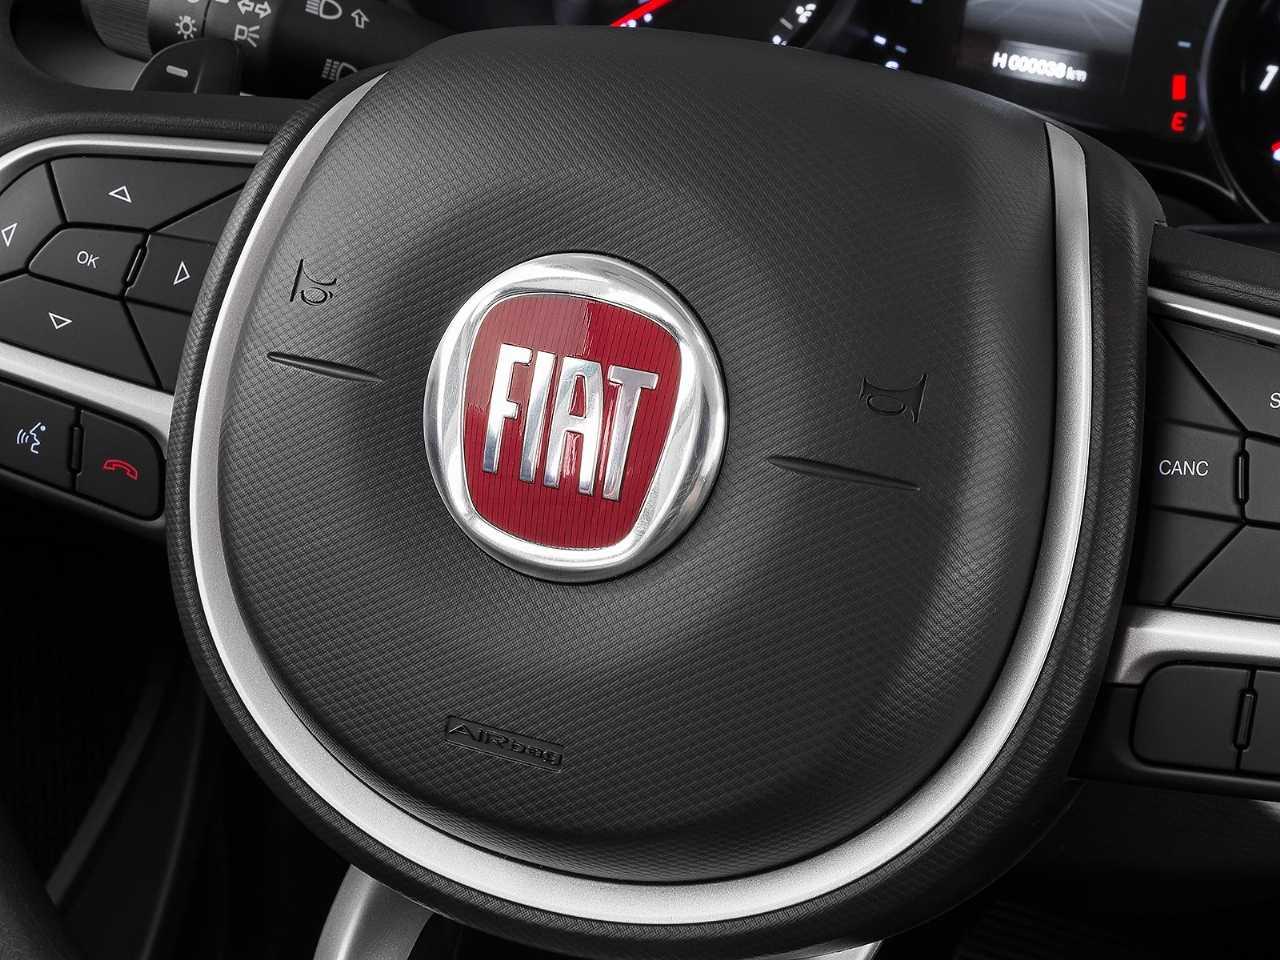 Segundo especialistas, hoje em dia a Fiat Chrysler é uma das mais interessadas em fusões no setor automotivo